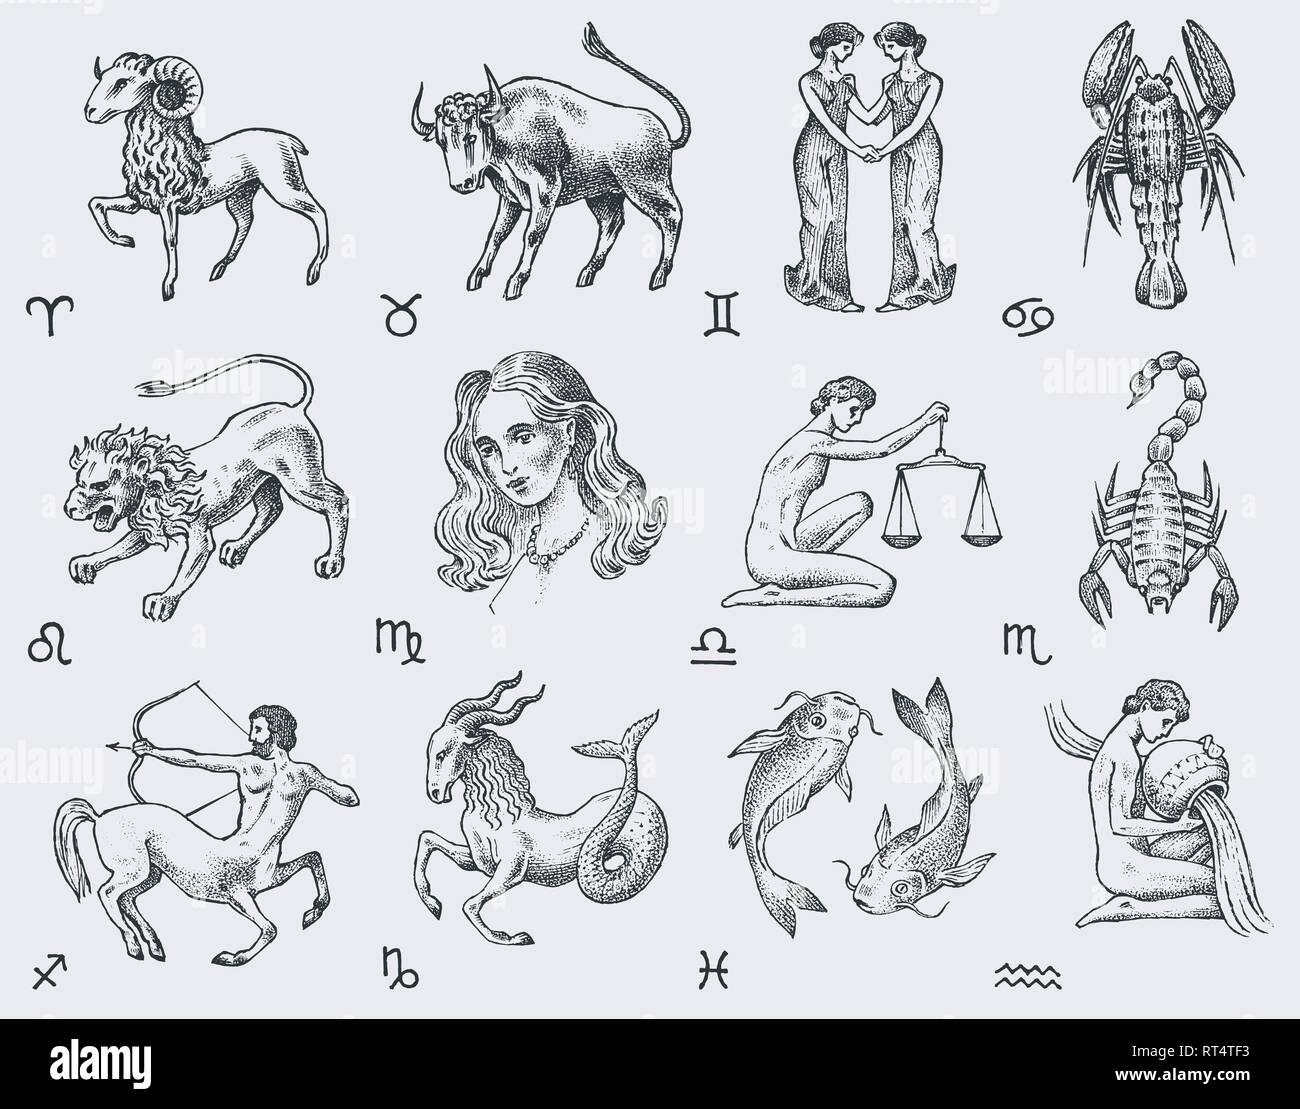 Calendario Oroscopo.Icone Dello Zodiaco Astrologia Oroscopo Con Segni